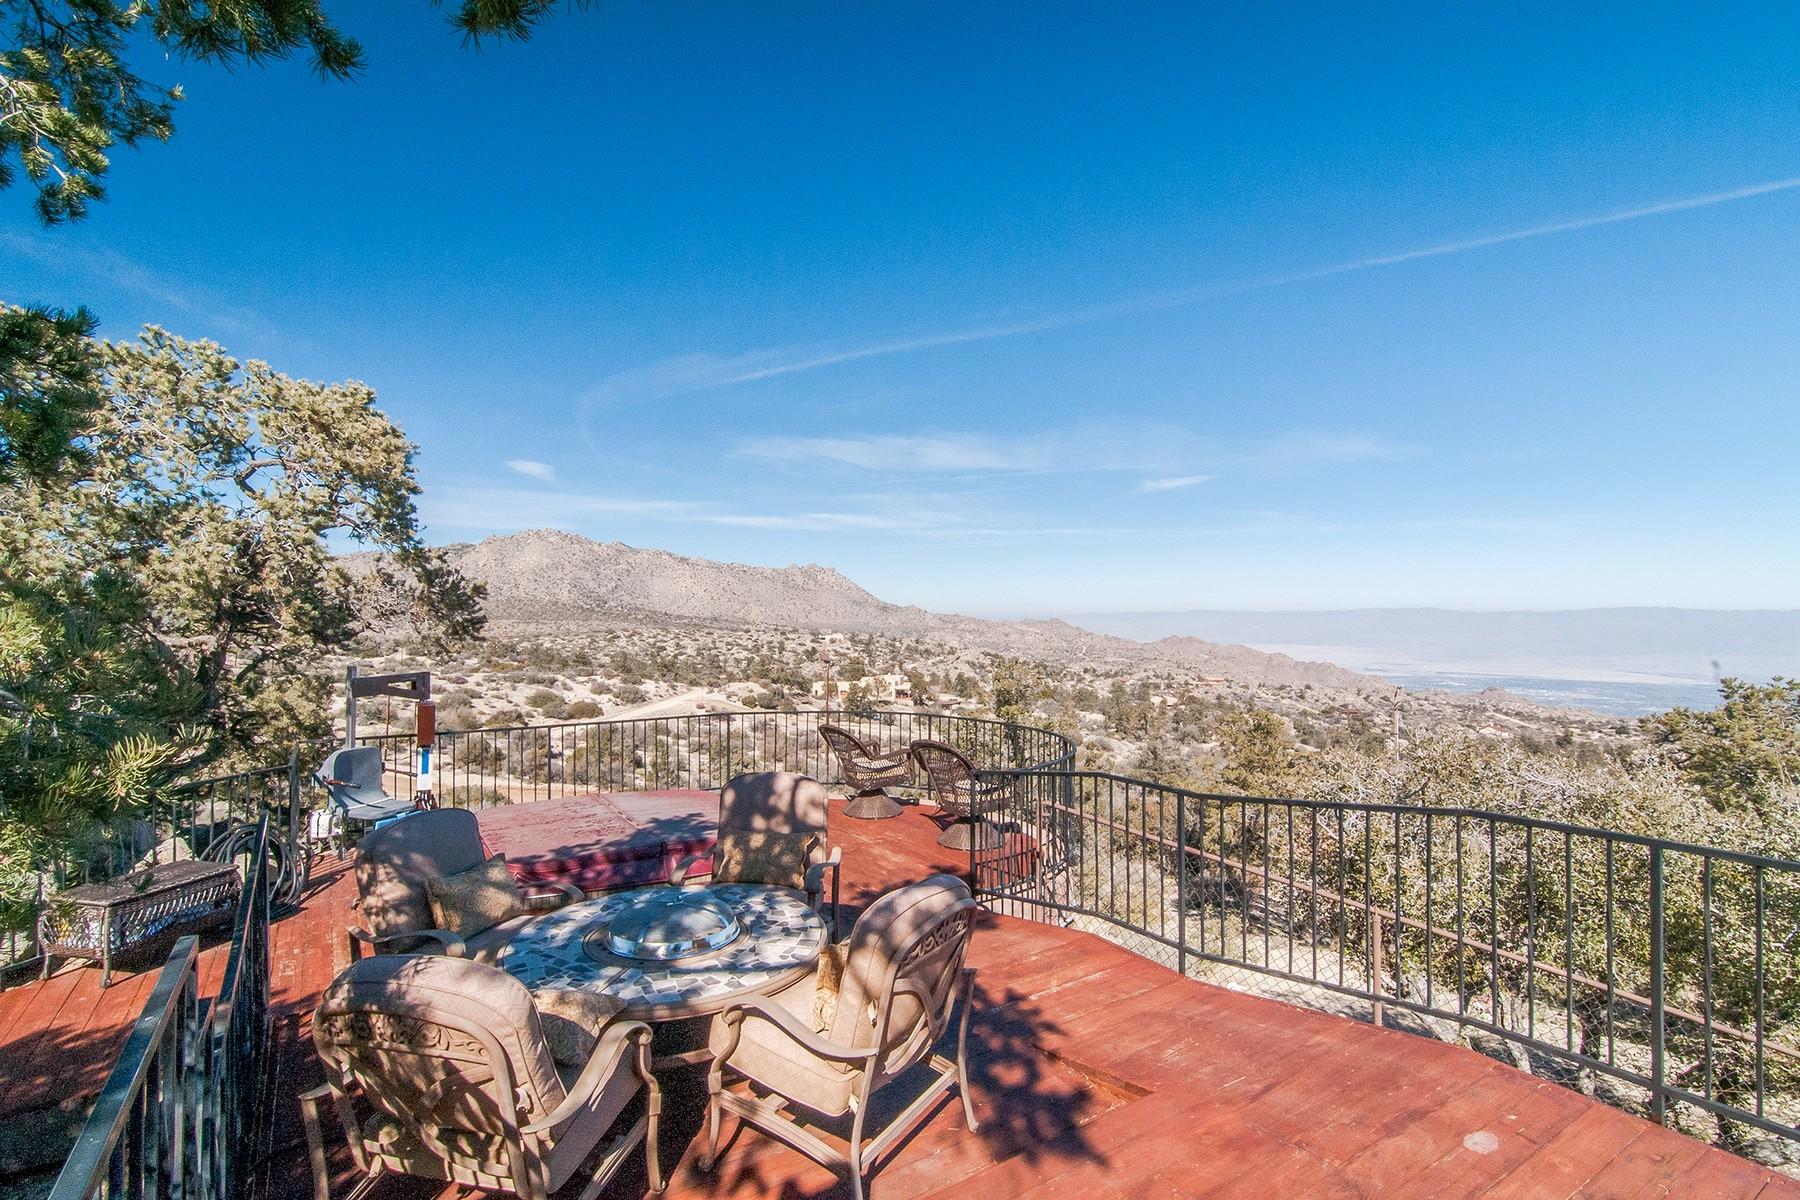 Частный односемейный дом для того Продажа на 70100 Linda Vista Road Mountain Center, Калифорния 92561 Соединенные Штаты